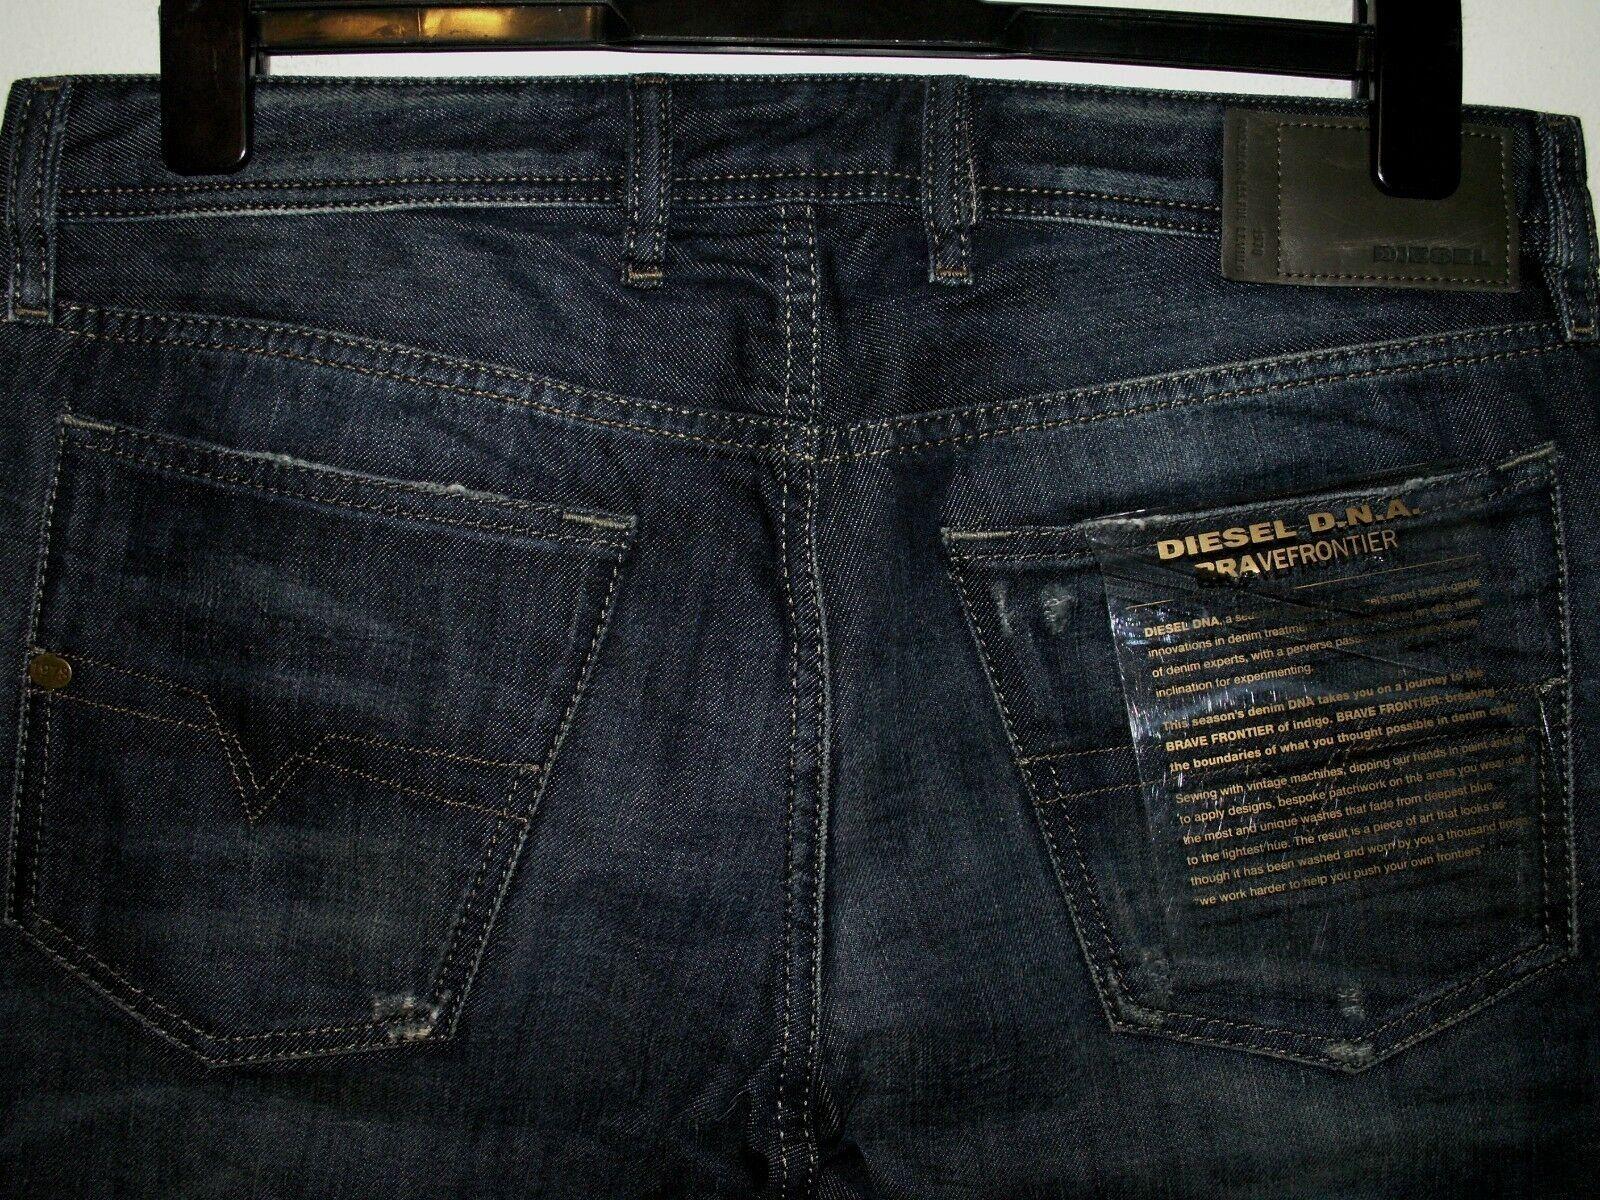 Diesel waykee regular-straight jeans 0837A W32(34) L32 a2085  sale